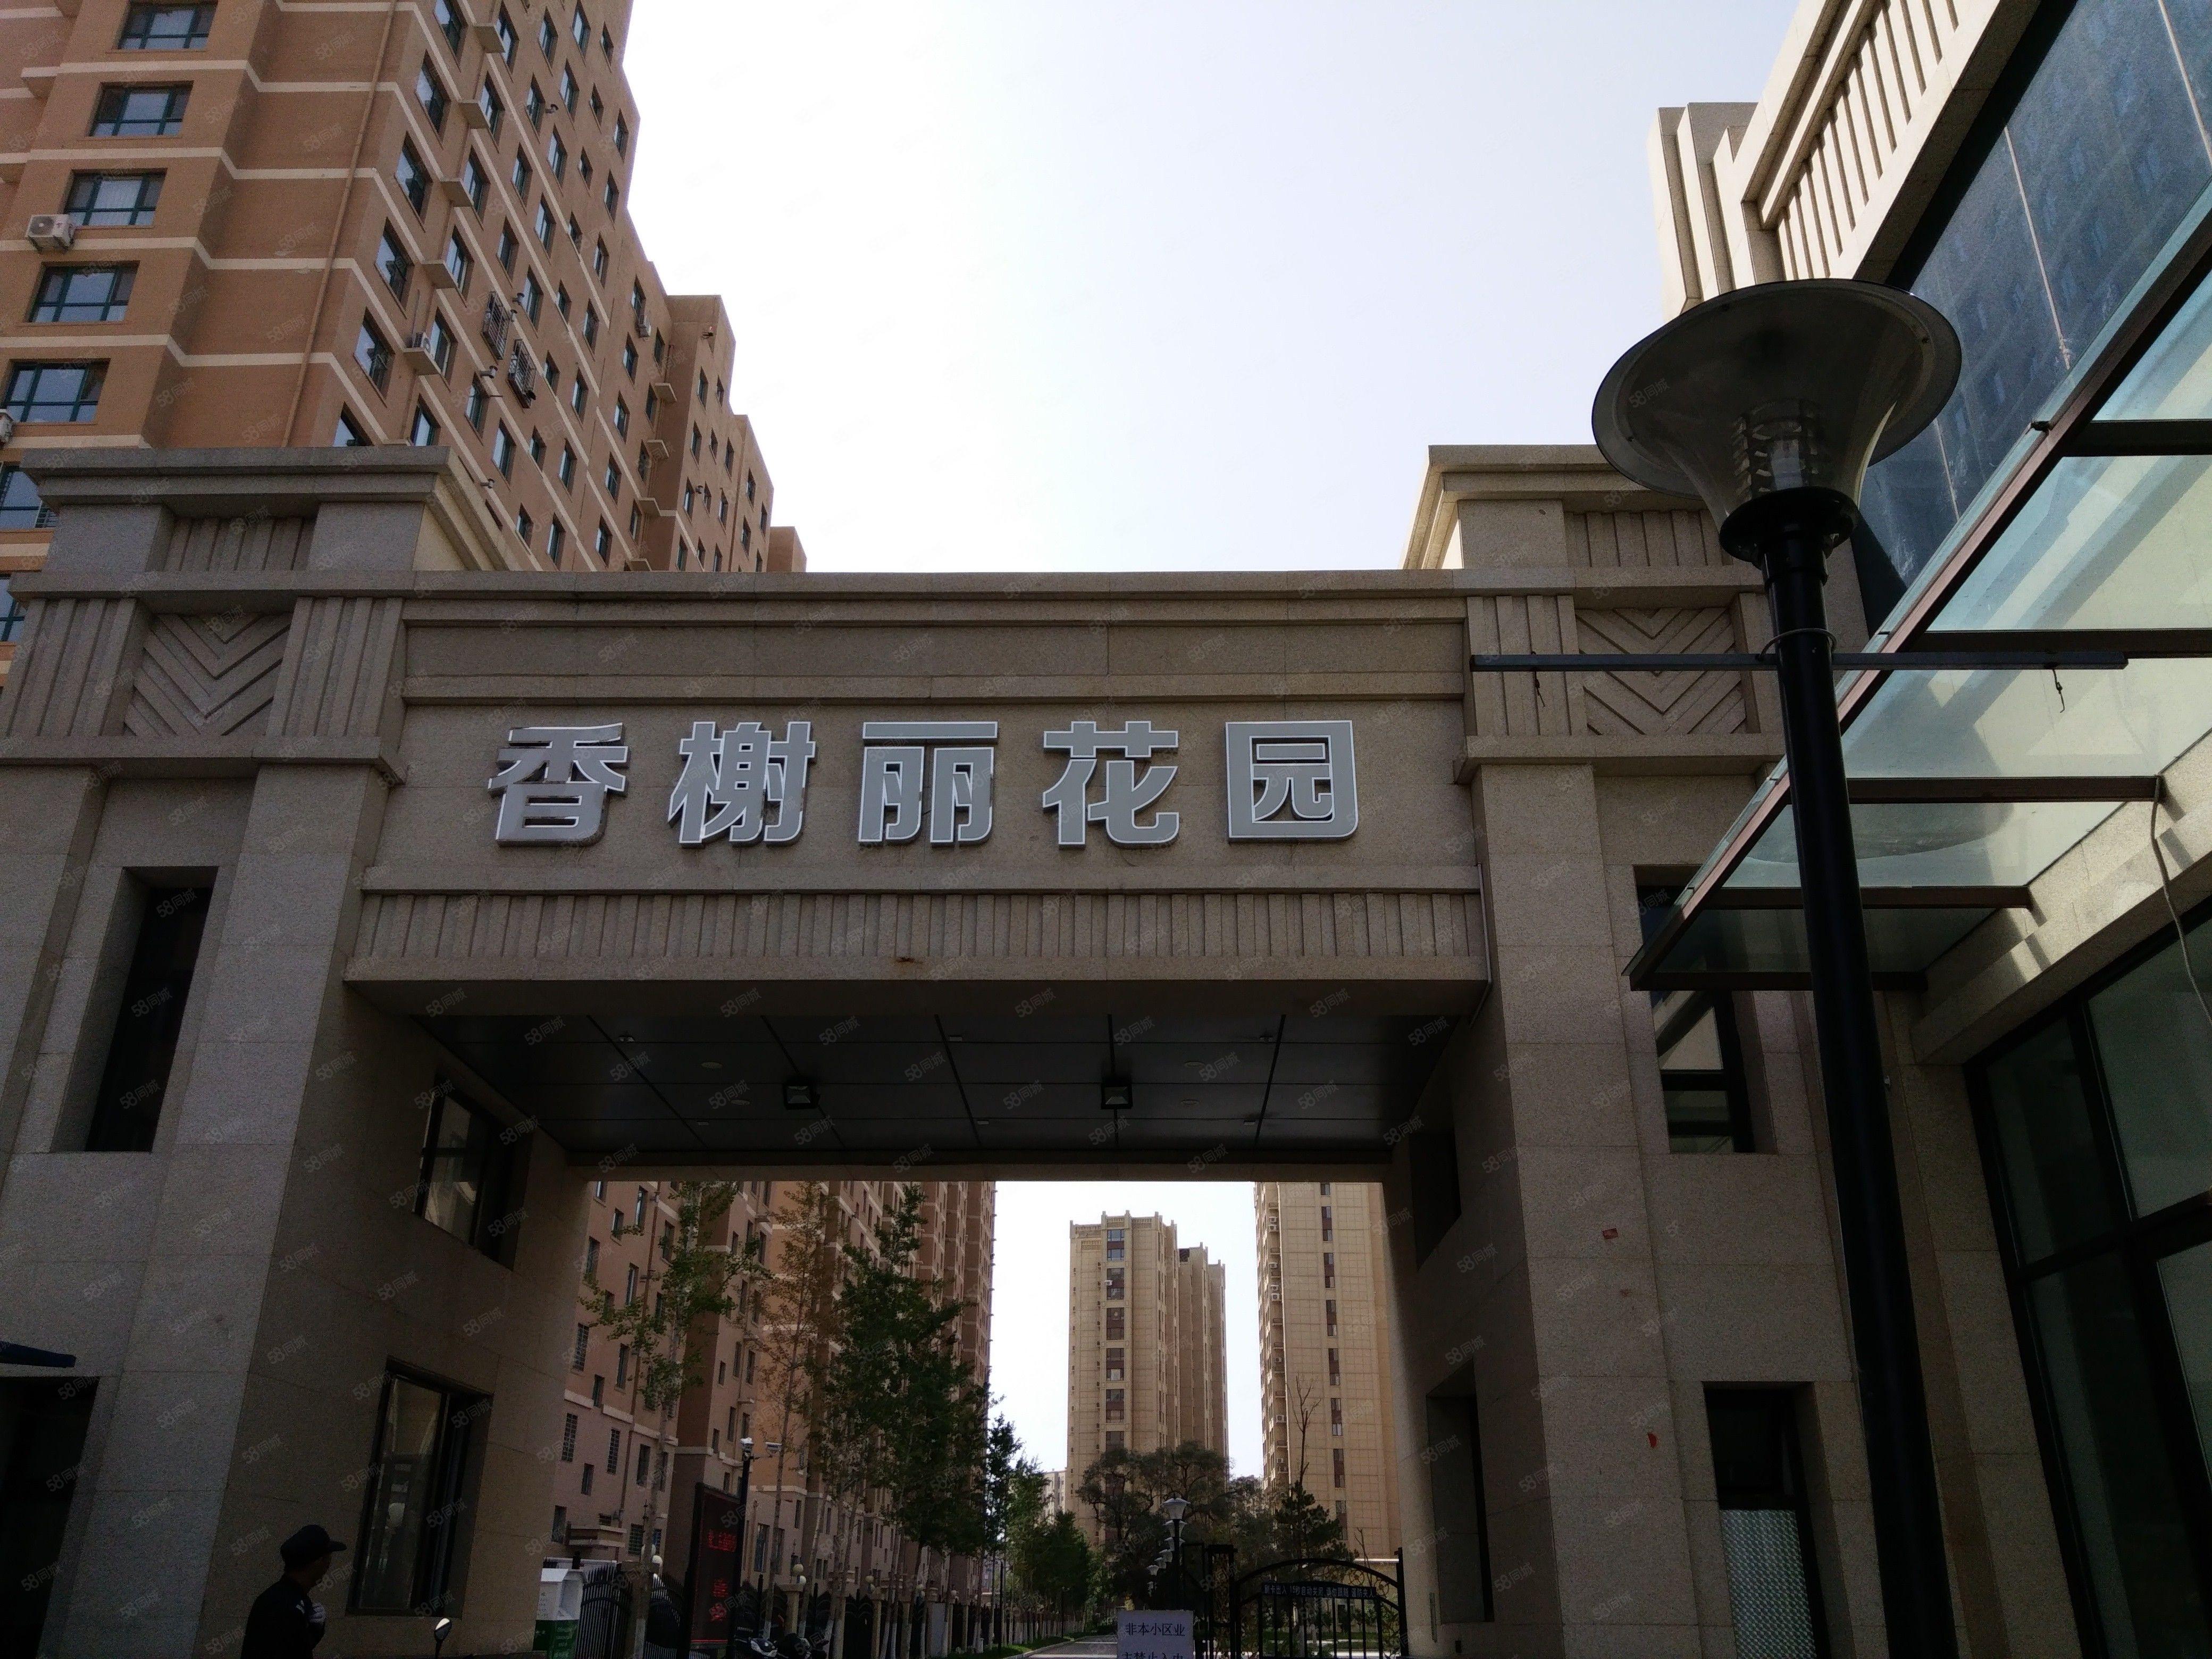 桥西香榭丽花园包电梯包物业2100锦阳高中附近